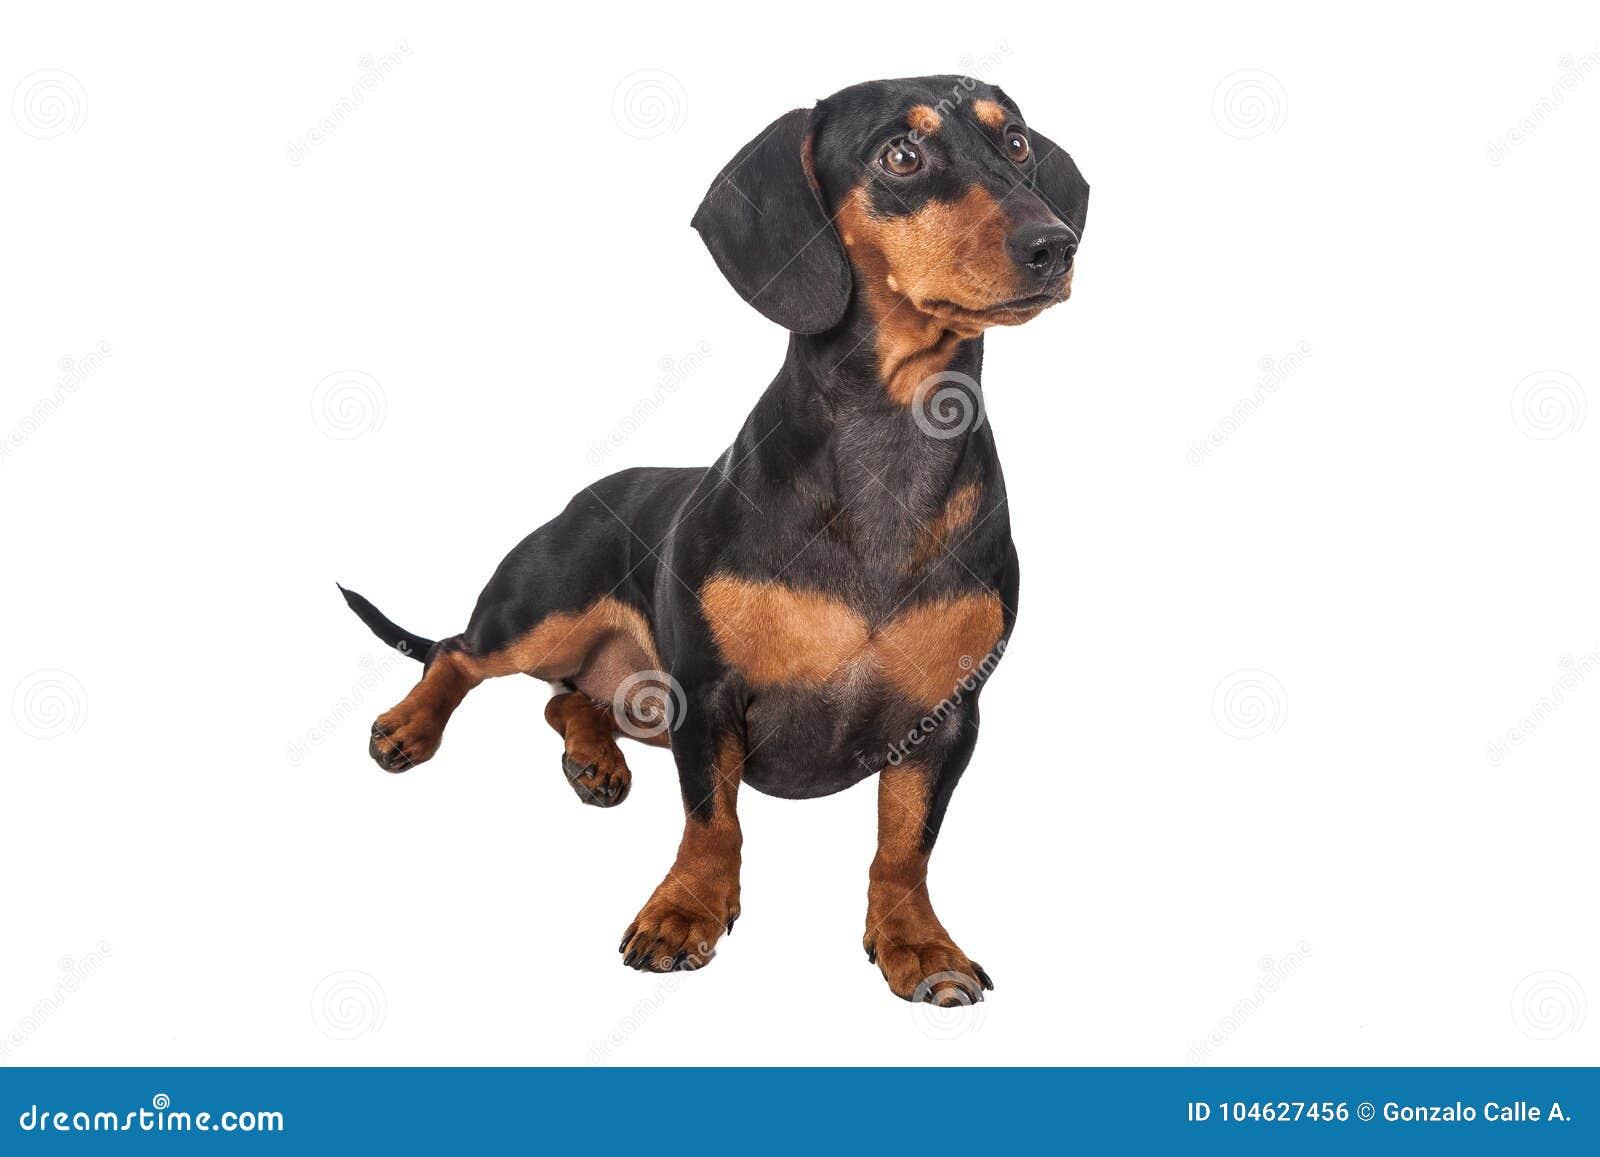 Download De Hond Van De Tekkel Die Over Witte Achtergrond Wordt Geïsoleerdh Stock Foto - Afbeelding bestaande uit zoogdier, dachshund: 104627456